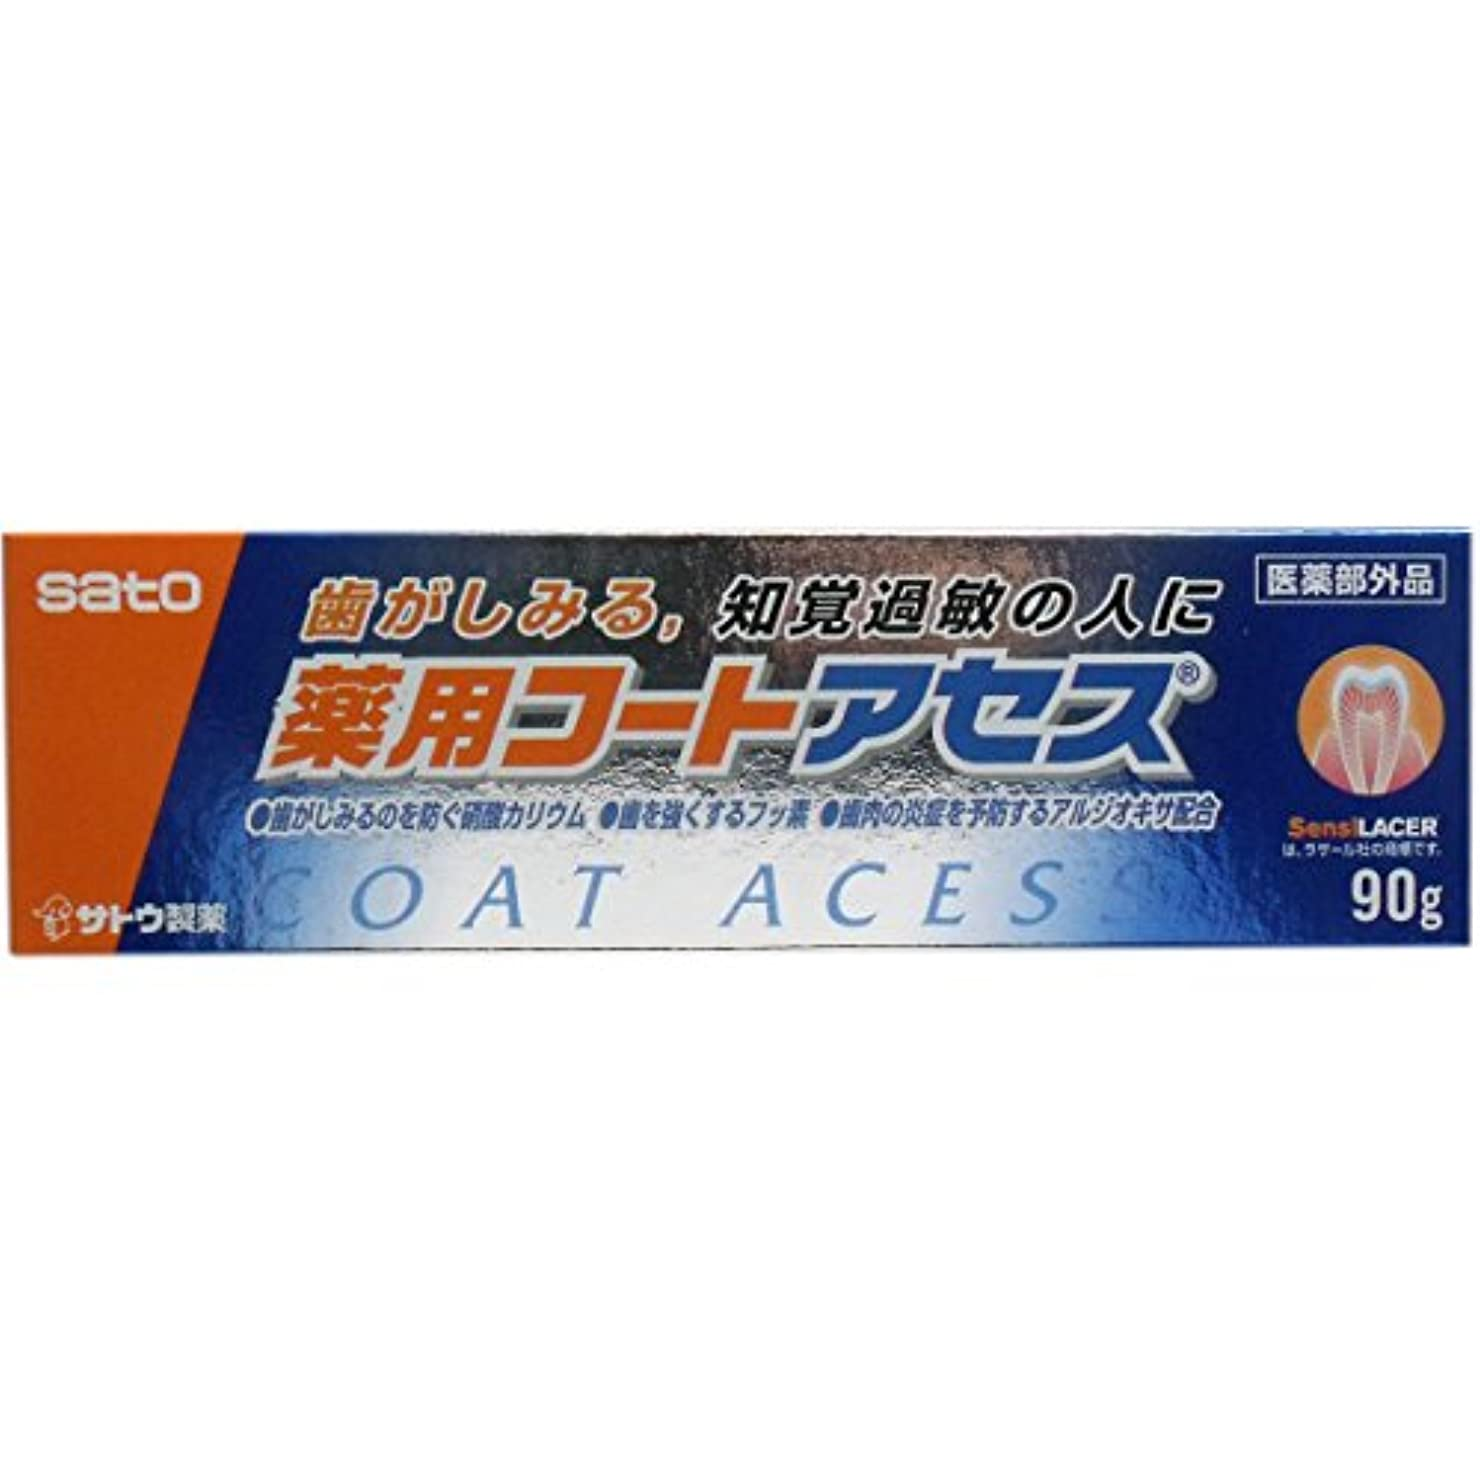 公平嫌い啓発するサトウ製薬 薬用コートアセス 薬用歯みがき 90g ×8個セット